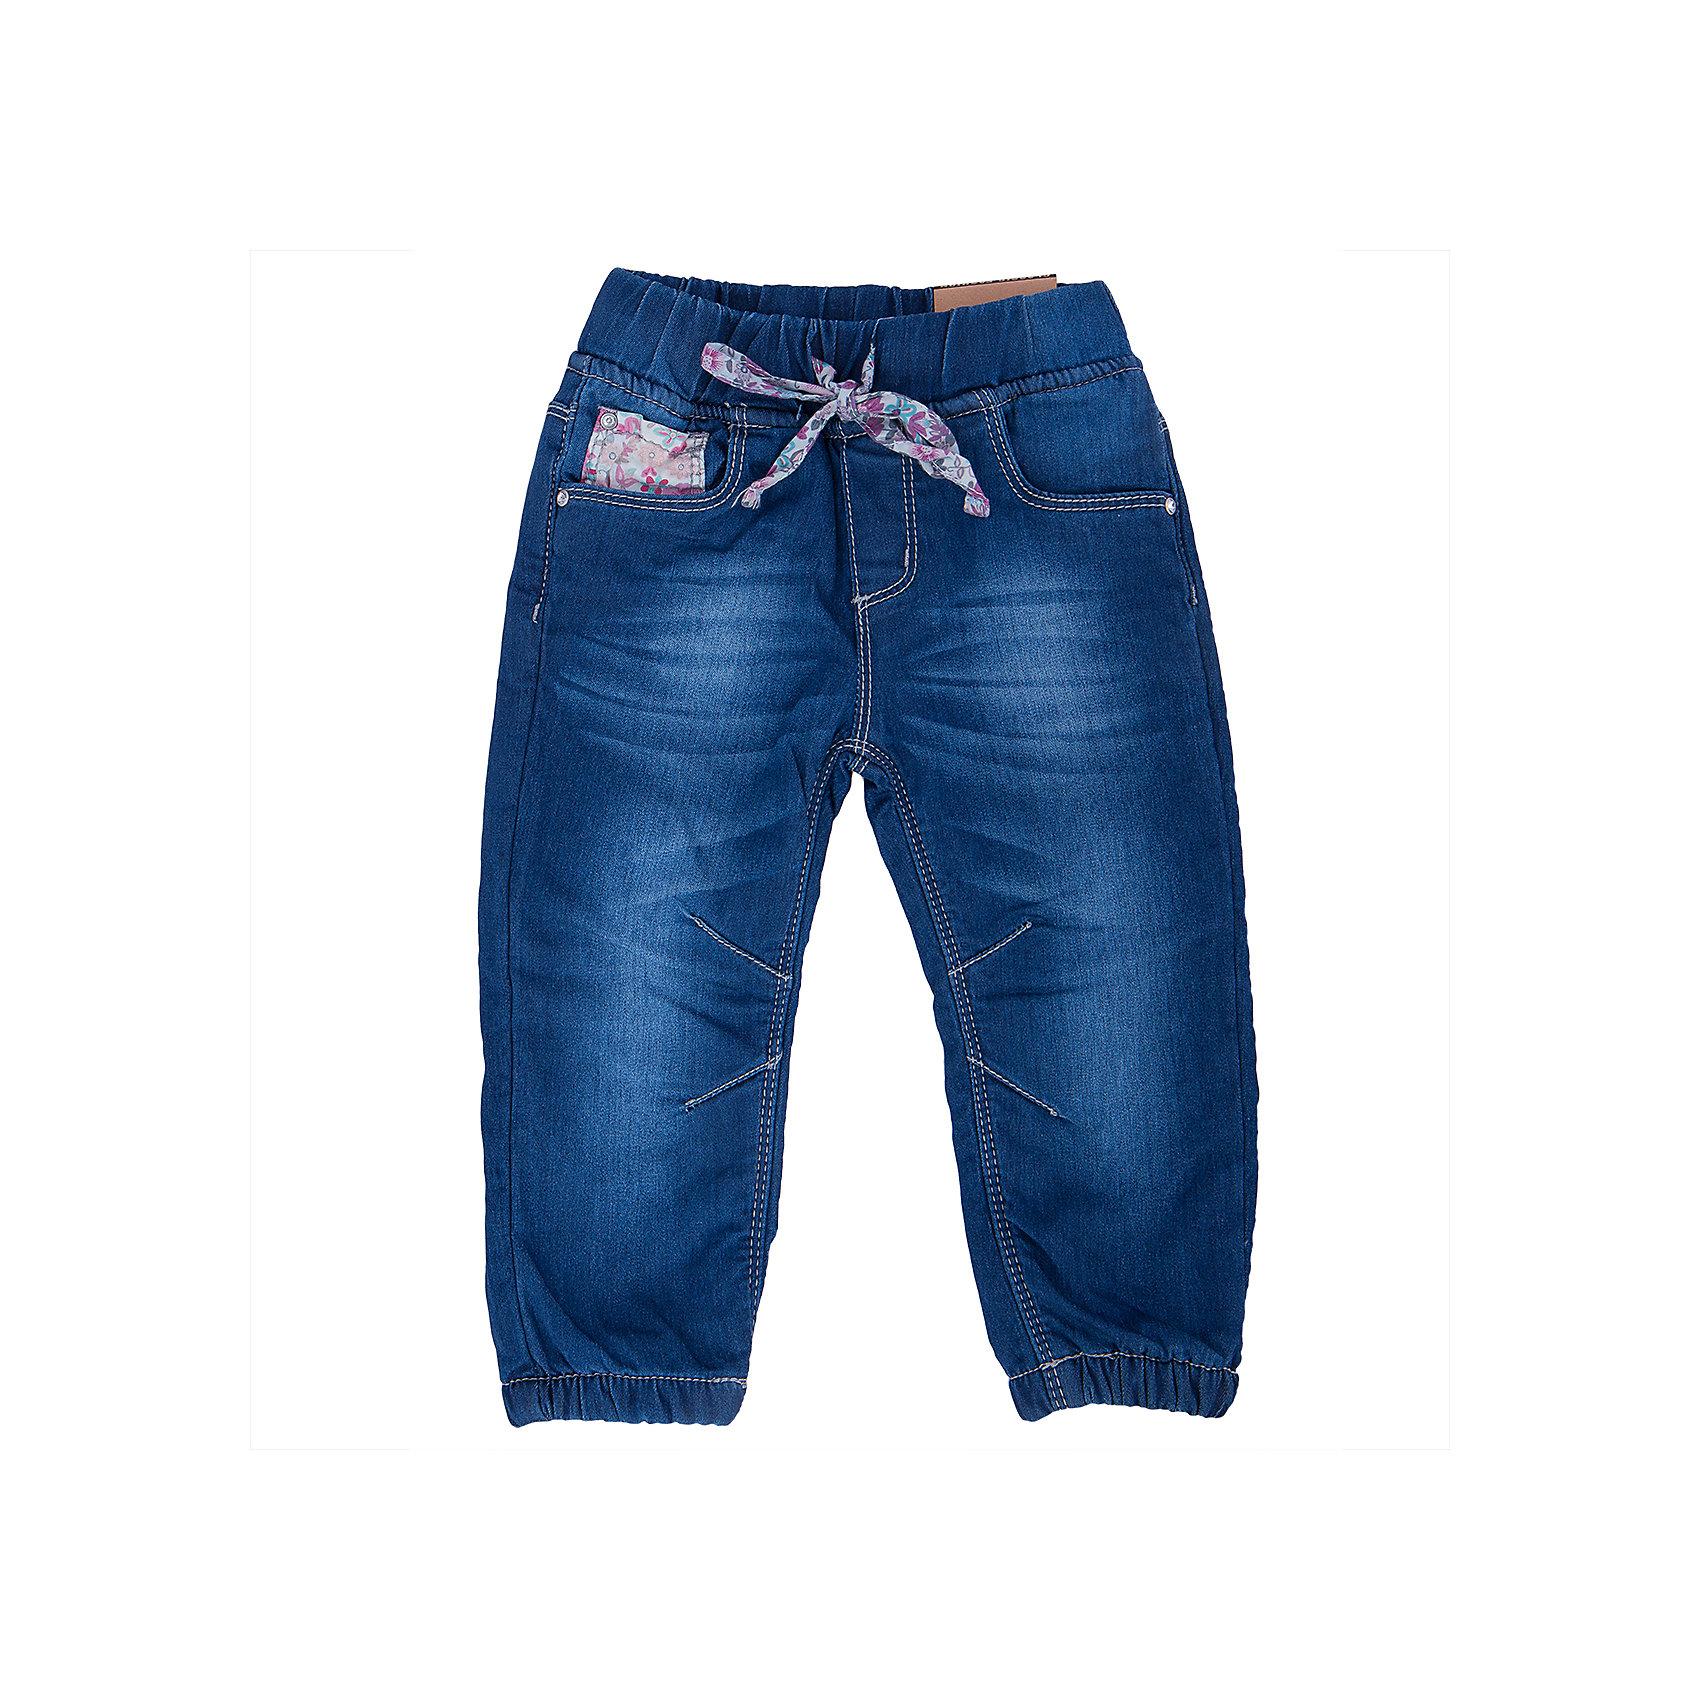 Джинсы для девочки Sweet BerryДжинсовая одежда<br>Такая модель джинсов для девочки отличается модным дизайном с контрастной прострочкой и потертостями. Удачный крой обеспечит ребенку комфорт и тепло. Мягкая и теплая подкладка делает вещь идеальной для прохладной погоды. Она плотно прилегает к телу там, где нужно, и отлично сидит по фигуре. Джинсы имеют удобный пояс с регулировкой шнурком внутри. Натуральный хлопок обеспечит коже возможность дышать и не вызовет аллергии.<br>Одежда от бренда Sweet Berry - это простой и выгодный способ одеть ребенка удобно и стильно. Всё изделия тщательно проработаны: швы - прочные, материал - качественный, фурнитура - подобранная специально для детей. <br><br>Дополнительная информация:<br><br>цвет: синий;<br>имитация потертостей;<br>материал: верх - 98% хлопок, 2% эластан, подкладка - 100% полиэстер (флис);<br>пояс с регулировкой шнурком внутри.<br><br>Джинсы для девочки от бренда Sweet Berry можно купить в нашем интернет-магазине.<br><br>Ширина мм: 215<br>Глубина мм: 88<br>Высота мм: 191<br>Вес г: 336<br>Цвет: голубой<br>Возраст от месяцев: 12<br>Возраст до месяцев: 15<br>Пол: Женский<br>Возраст: Детский<br>Размер: 80,86,92,98<br>SKU: 4931203